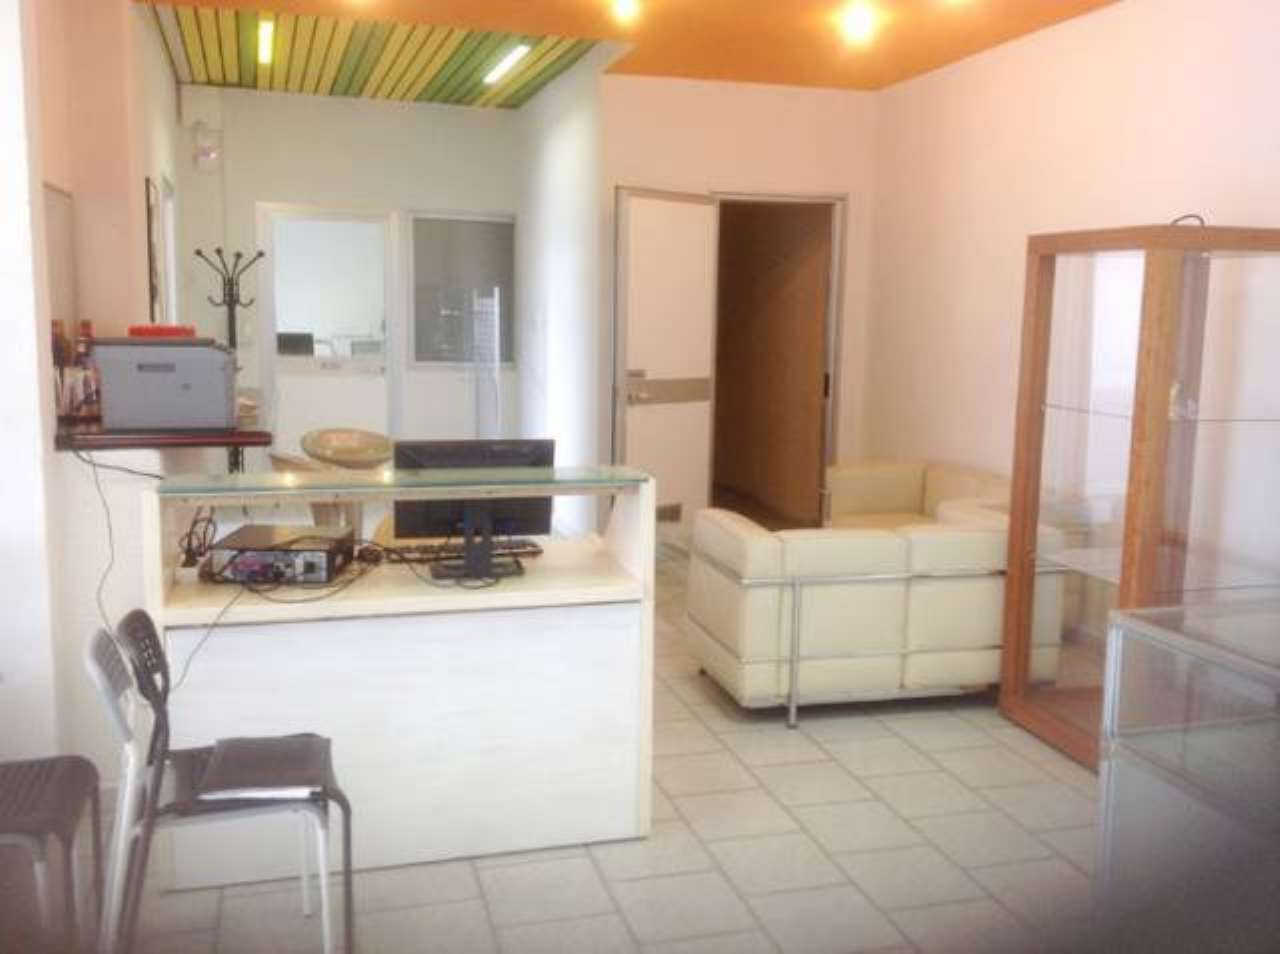 Negozio / Locale in affitto a Borgaro Torinese, 2 locali, prezzo € 950 | CambioCasa.it